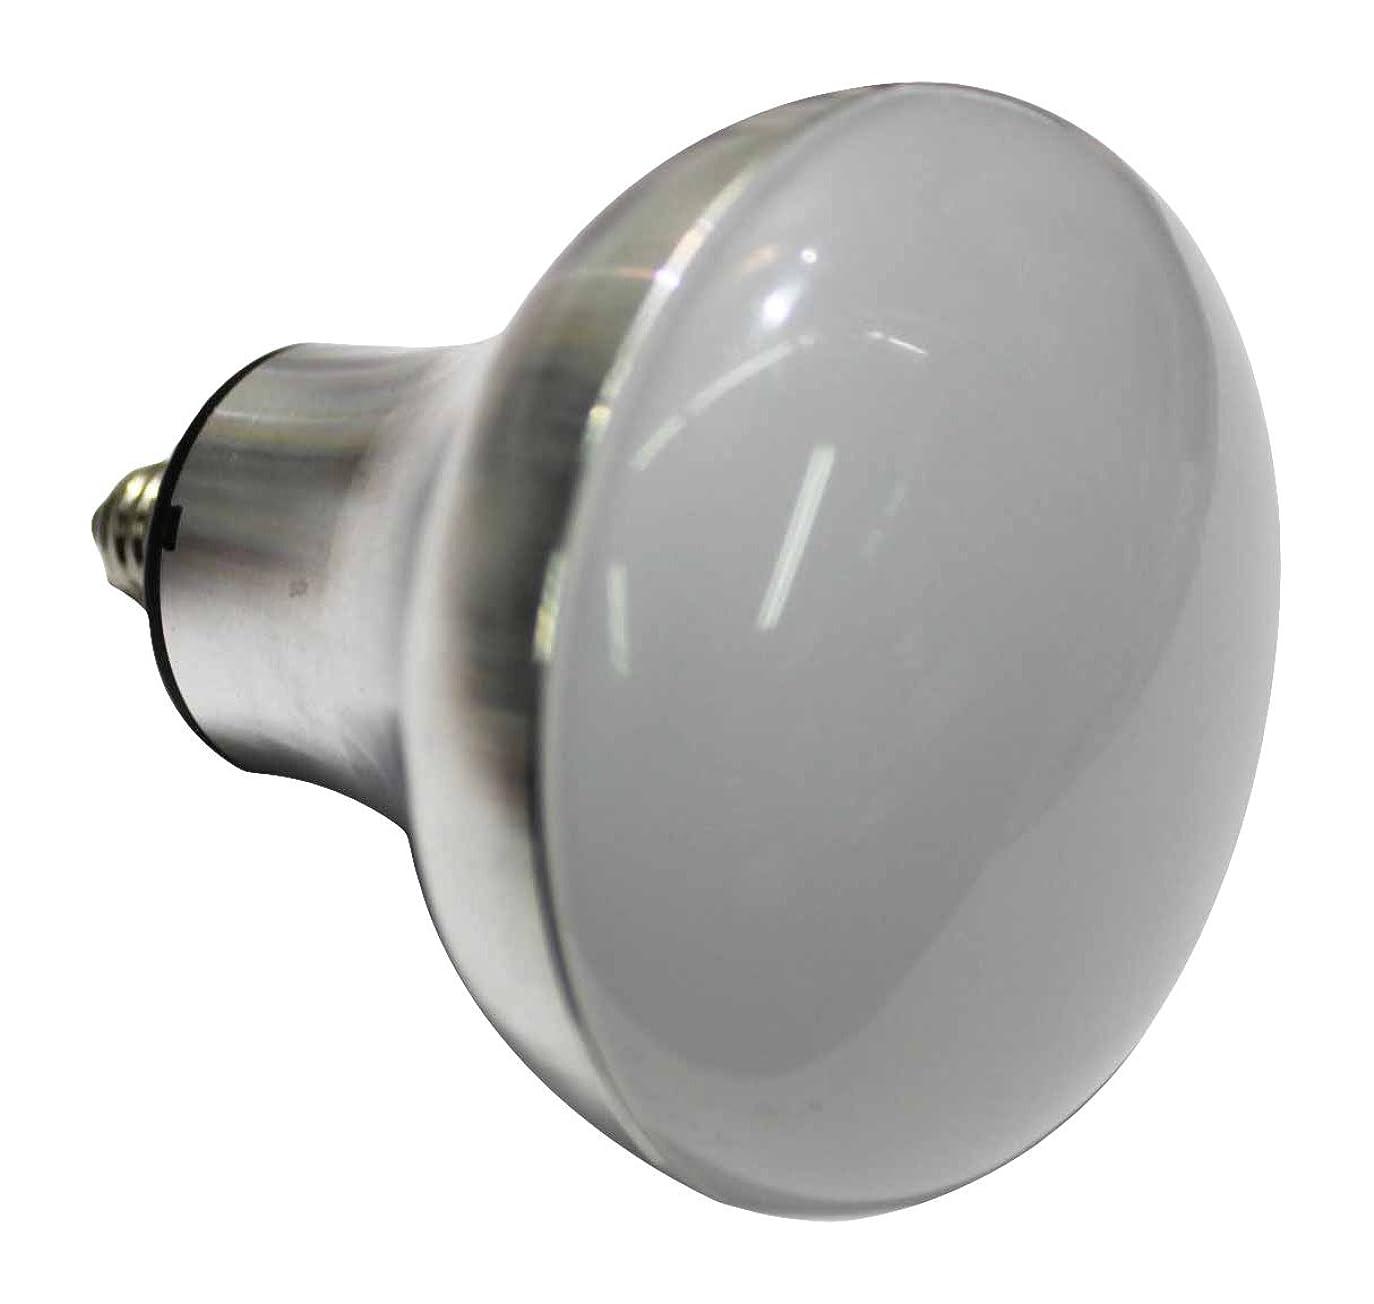 生き残ります不要解き明かすエクスプロア LEDレフライト6W (口金E11)3000K ダクト用ソケット(350mm)付属 ENSA028